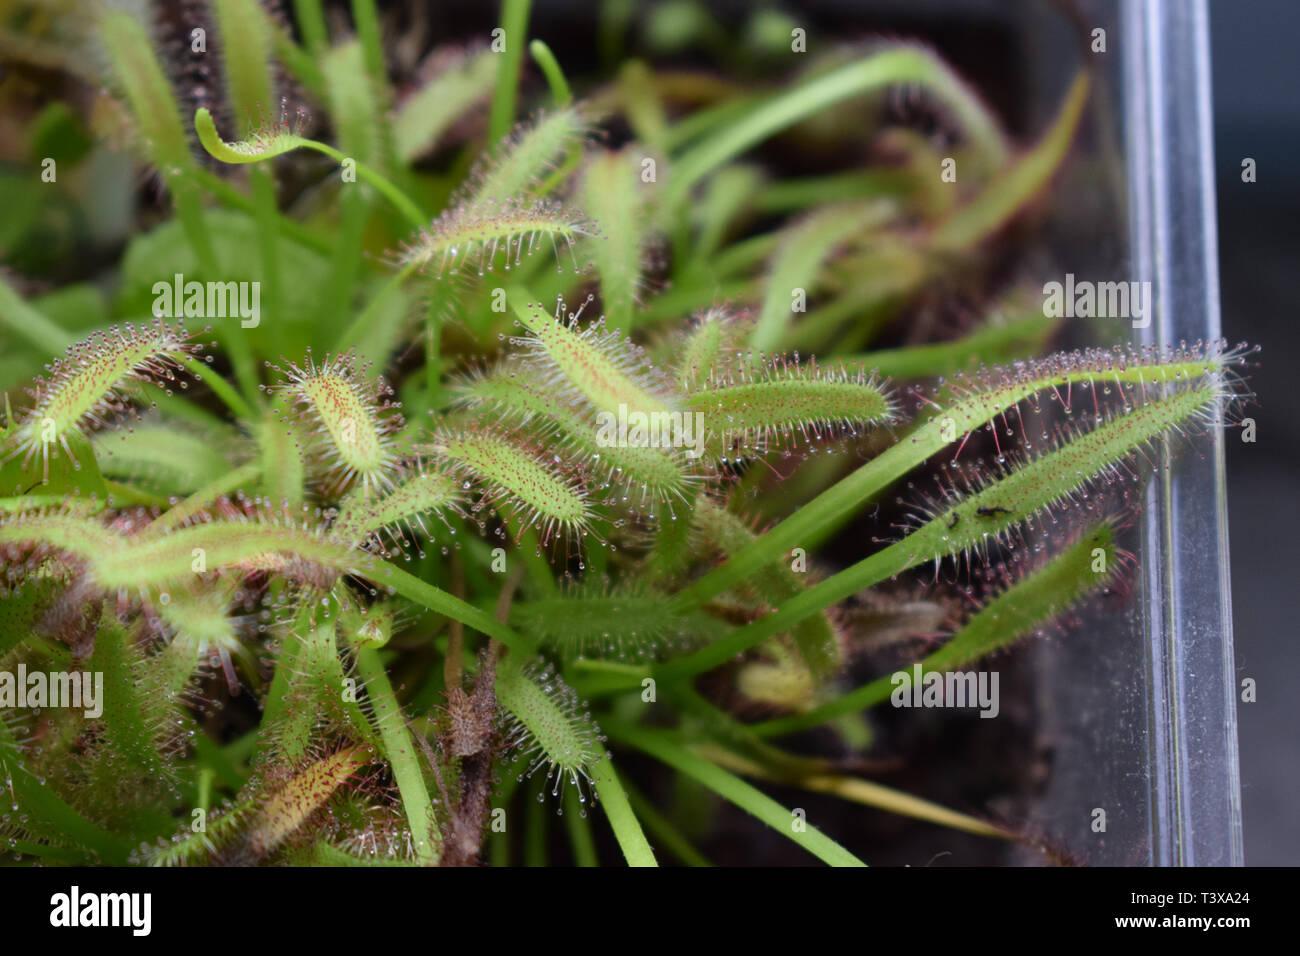 Fleischfressende Pflanze Sonnentau, Carnivore Drosera - Stock Image